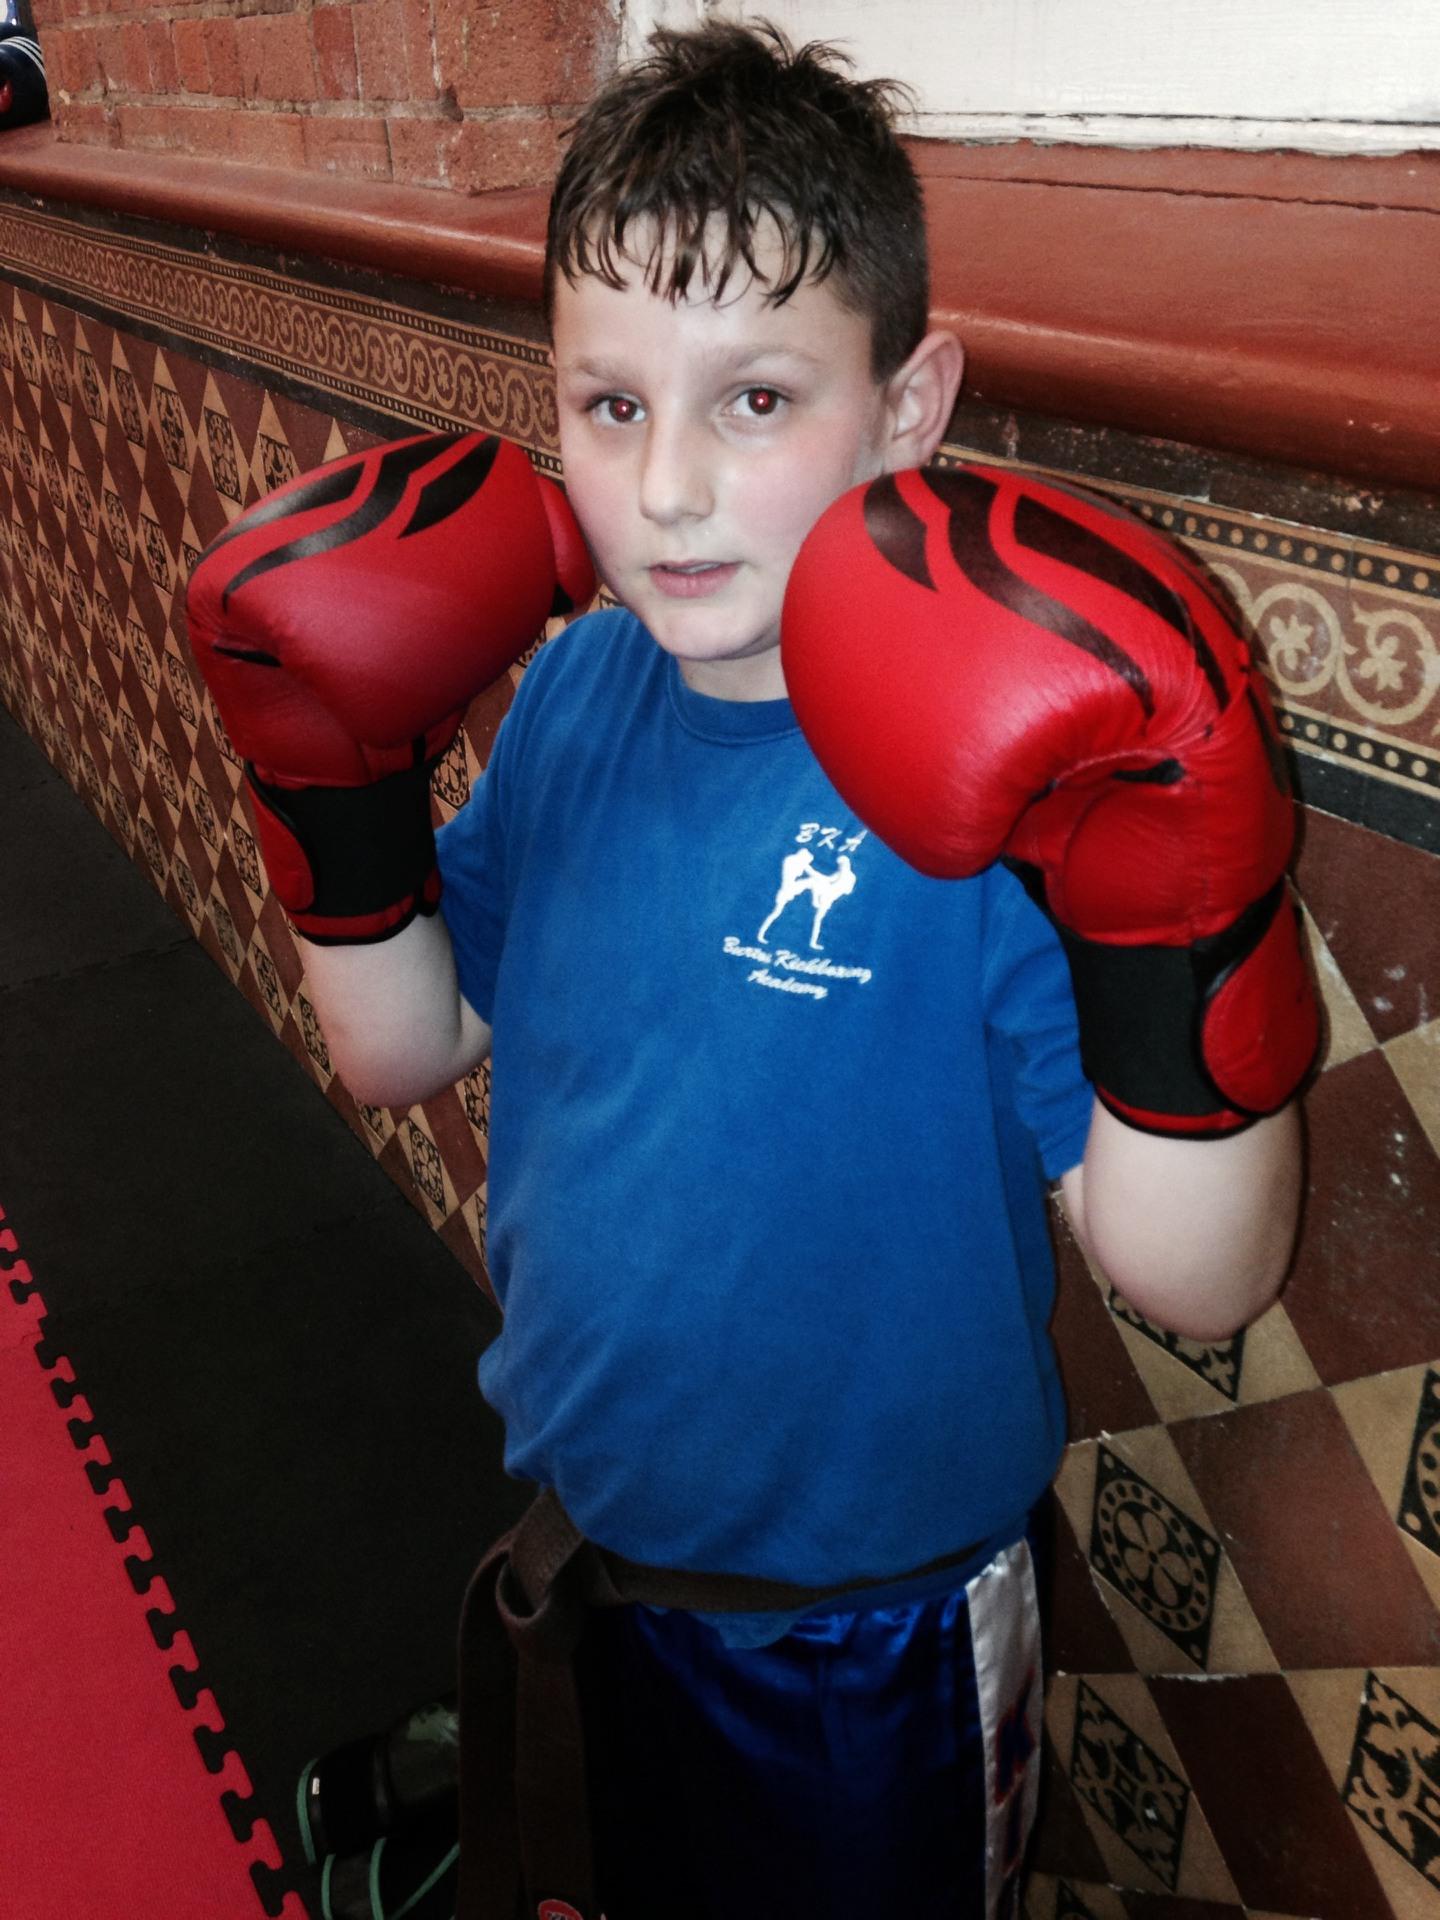 Zeb Fern, Age 9yrs